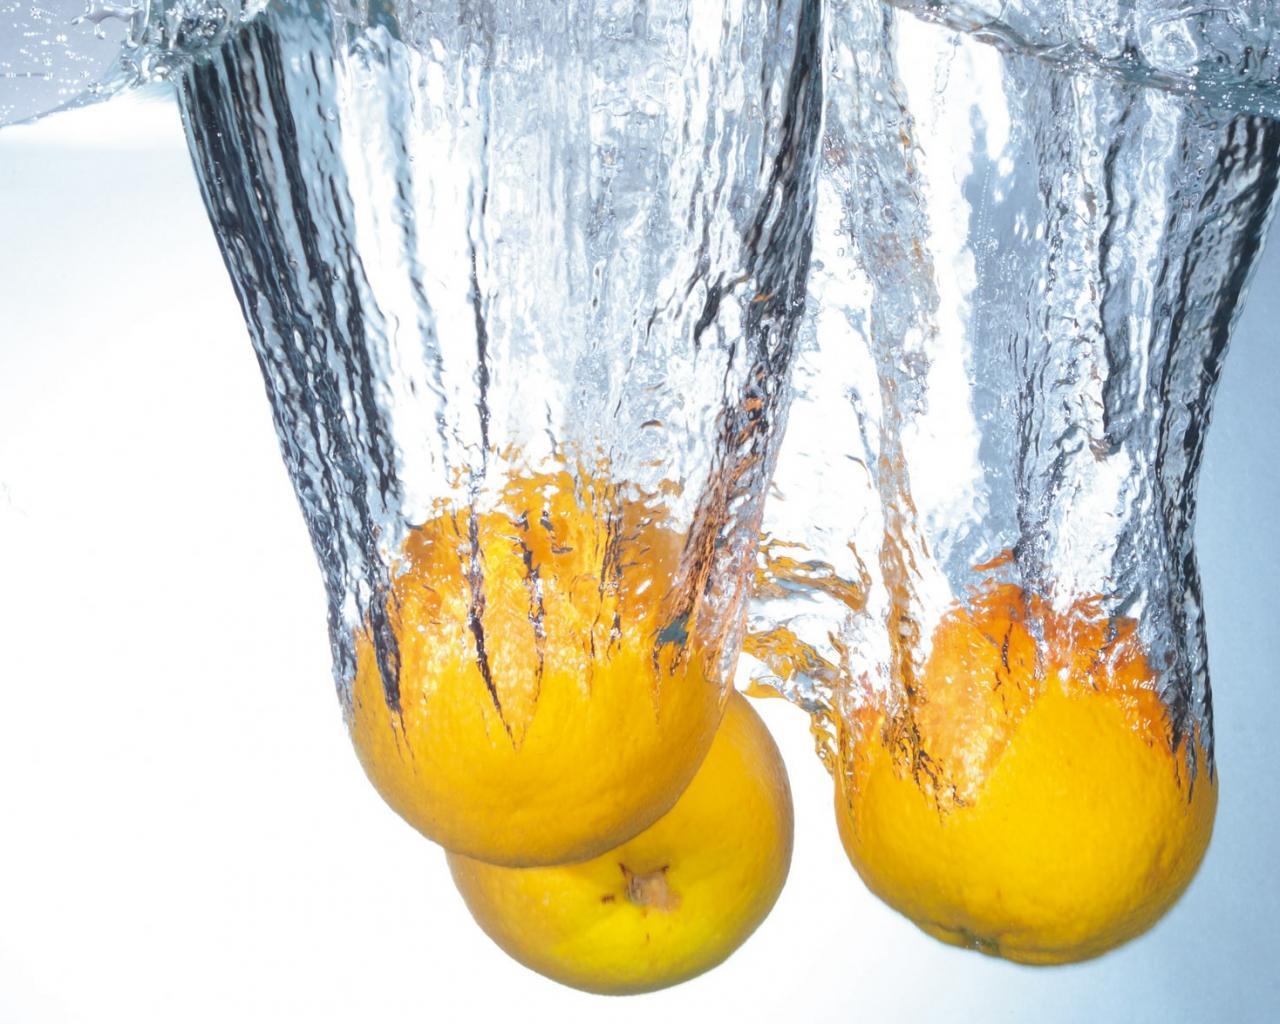 Фрукты в воде обои для рабочего стола, картинки, фото ...: http://hq-wallpapers.ru/wallpapers/food/pic18912_raz1280x1024